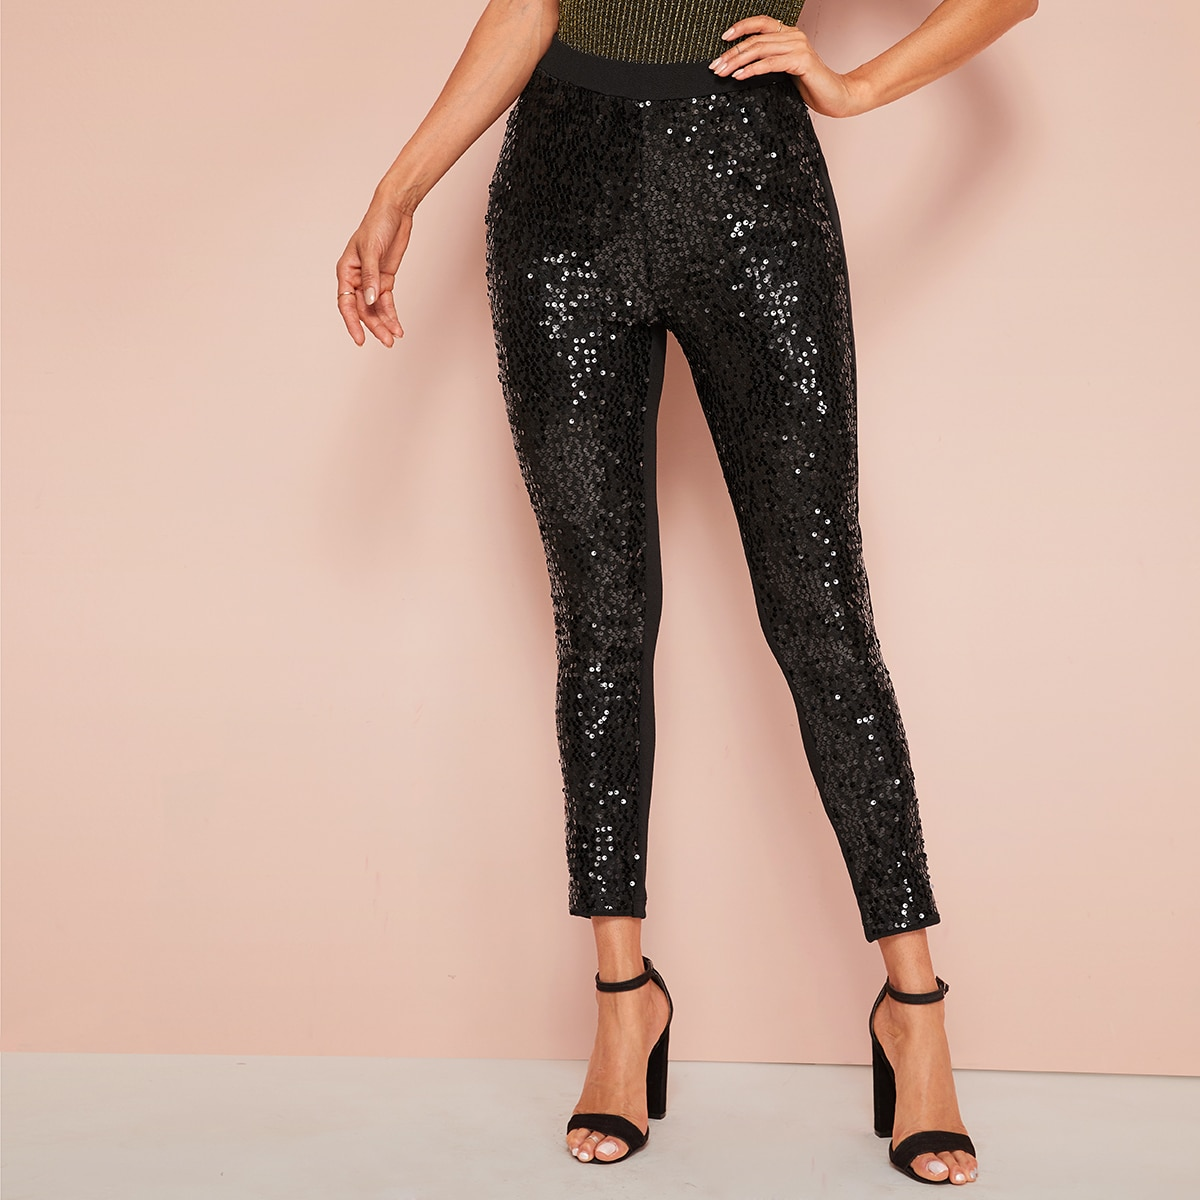 SHEIN / Pantalones ajustados cortos con lentejuelas